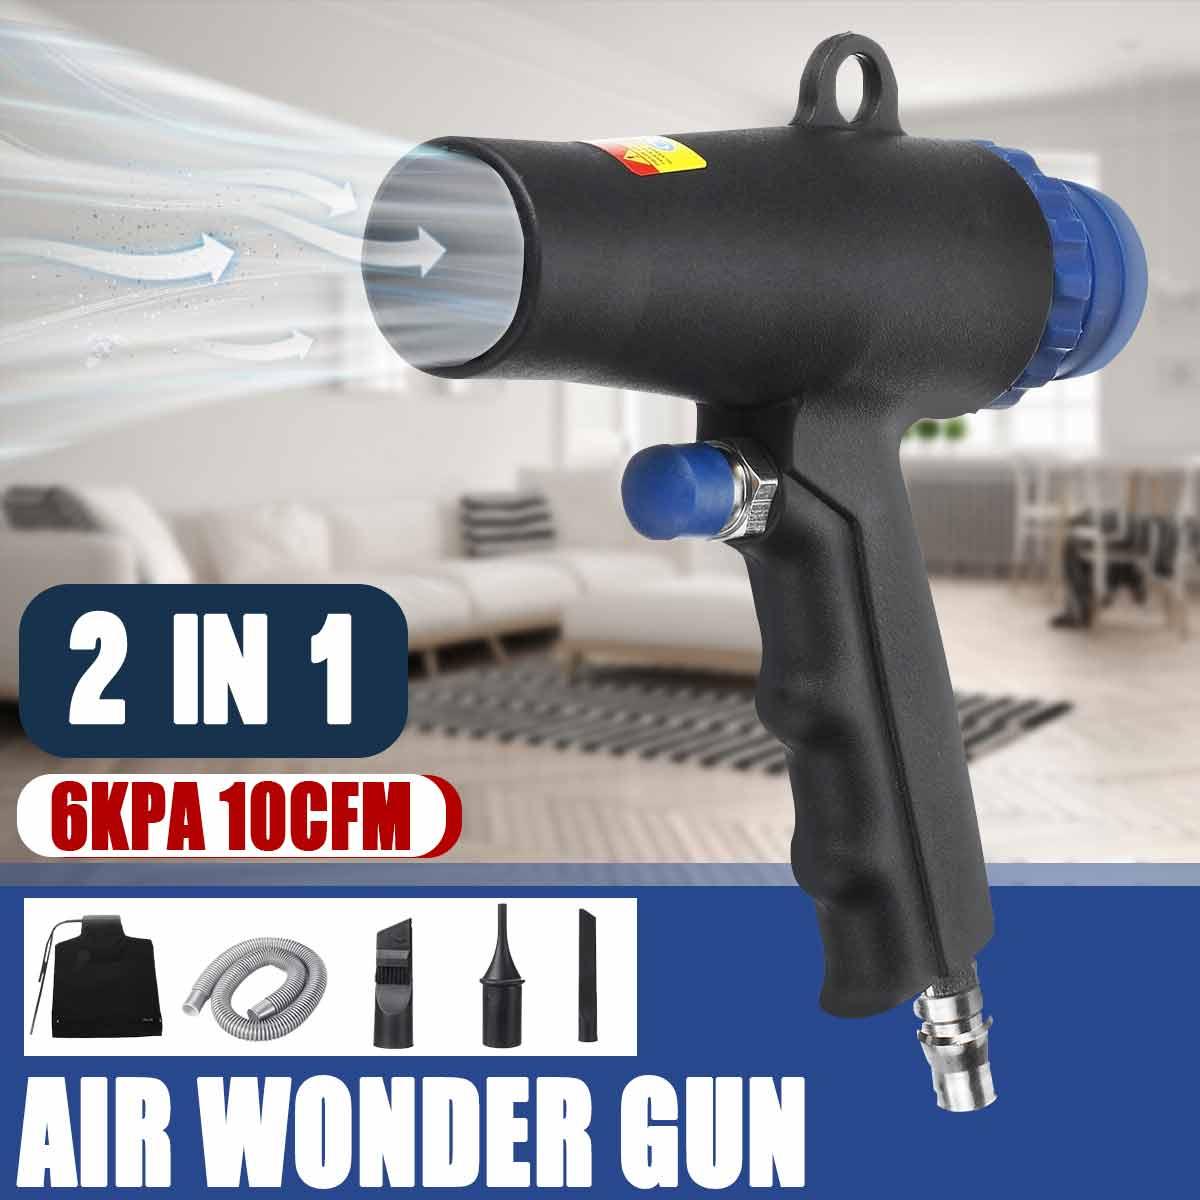 2 In 1 hava silgi kompresör çift fonksiyonlu hava vakum darbe emiş tabancaları kiti pnömatik elektrikli süpürge aracı